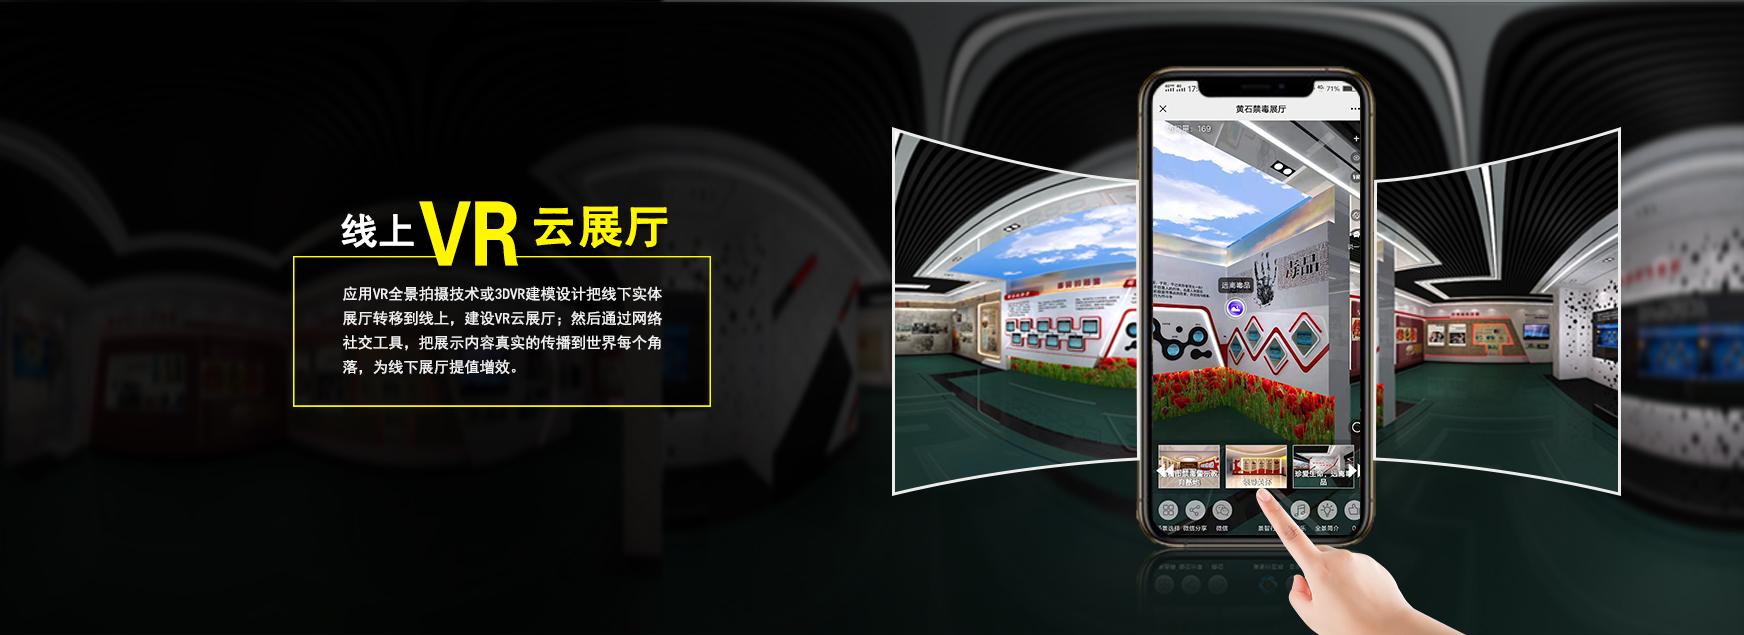 朗晟-VR全景可视化营销工县